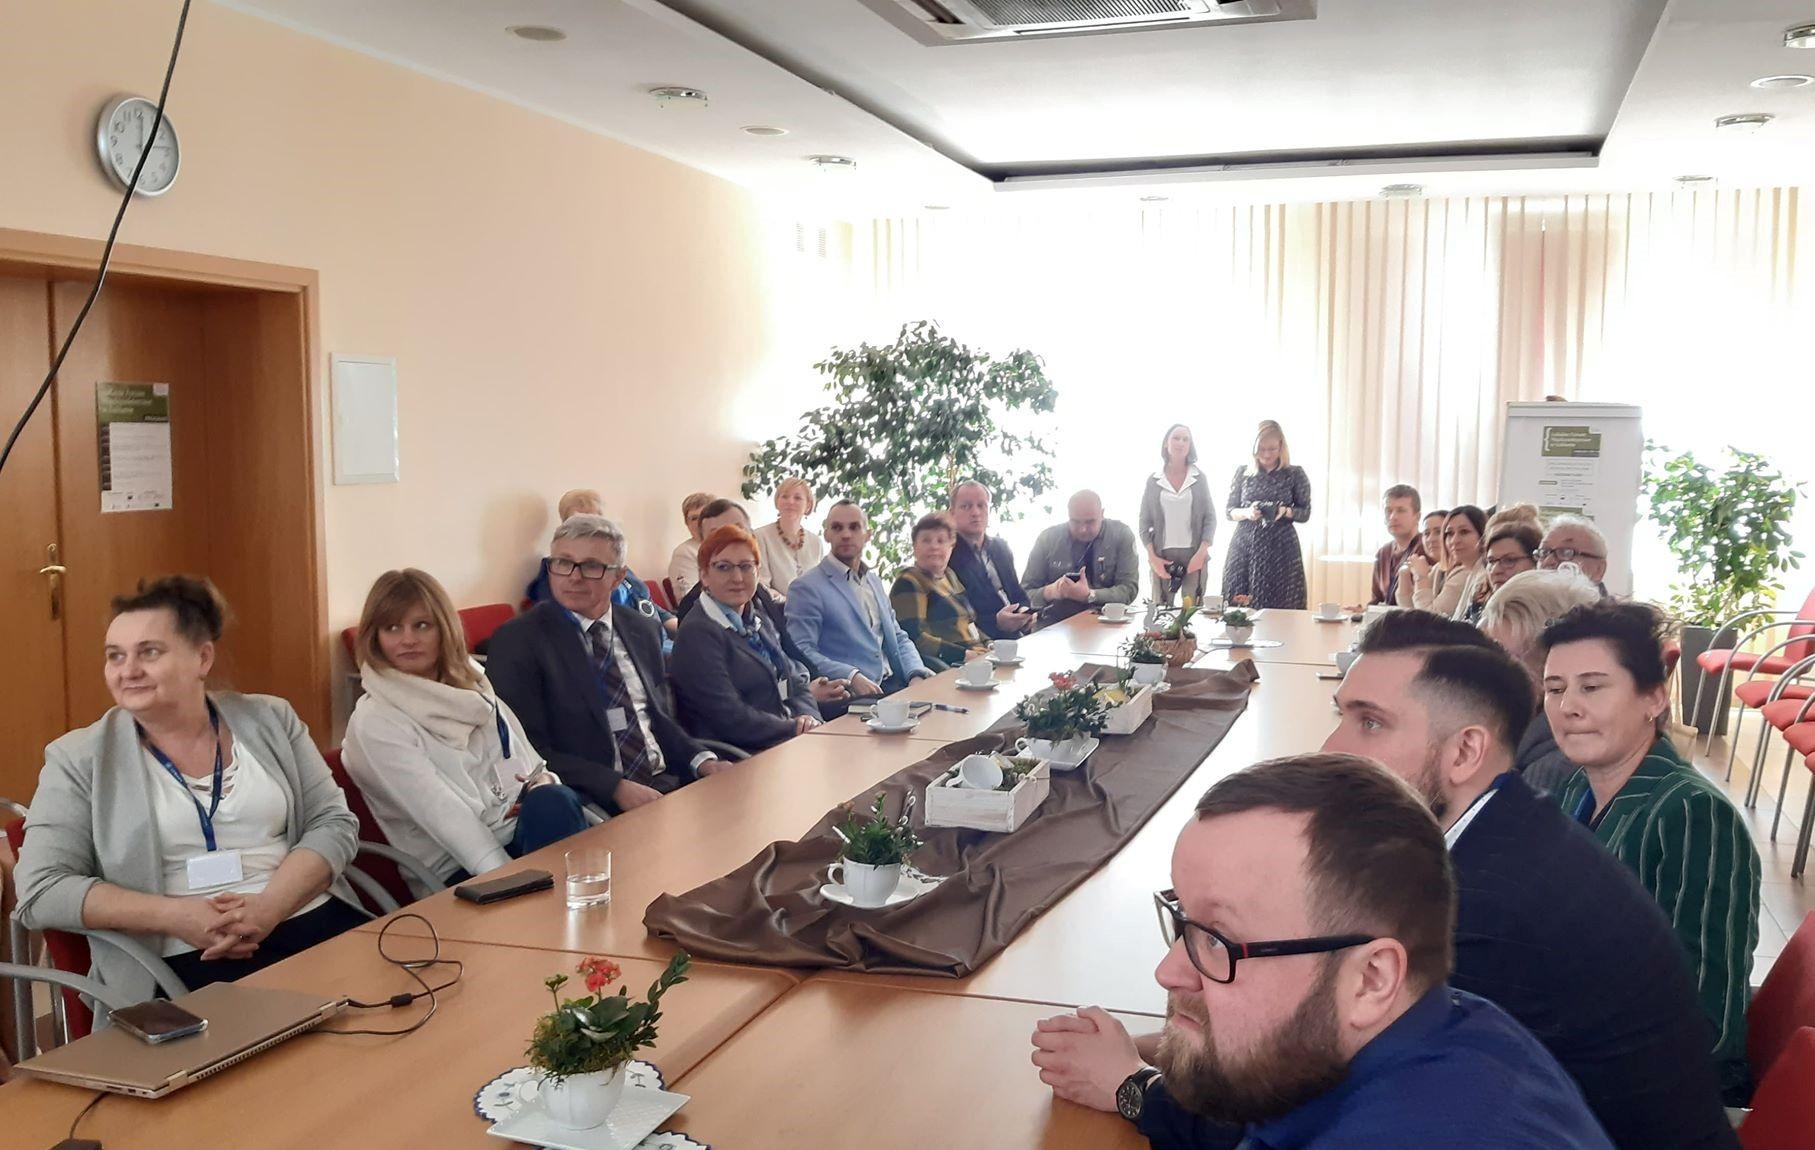 Lokalne Forum Międzysektorowe w Łubianie [RELACJA]